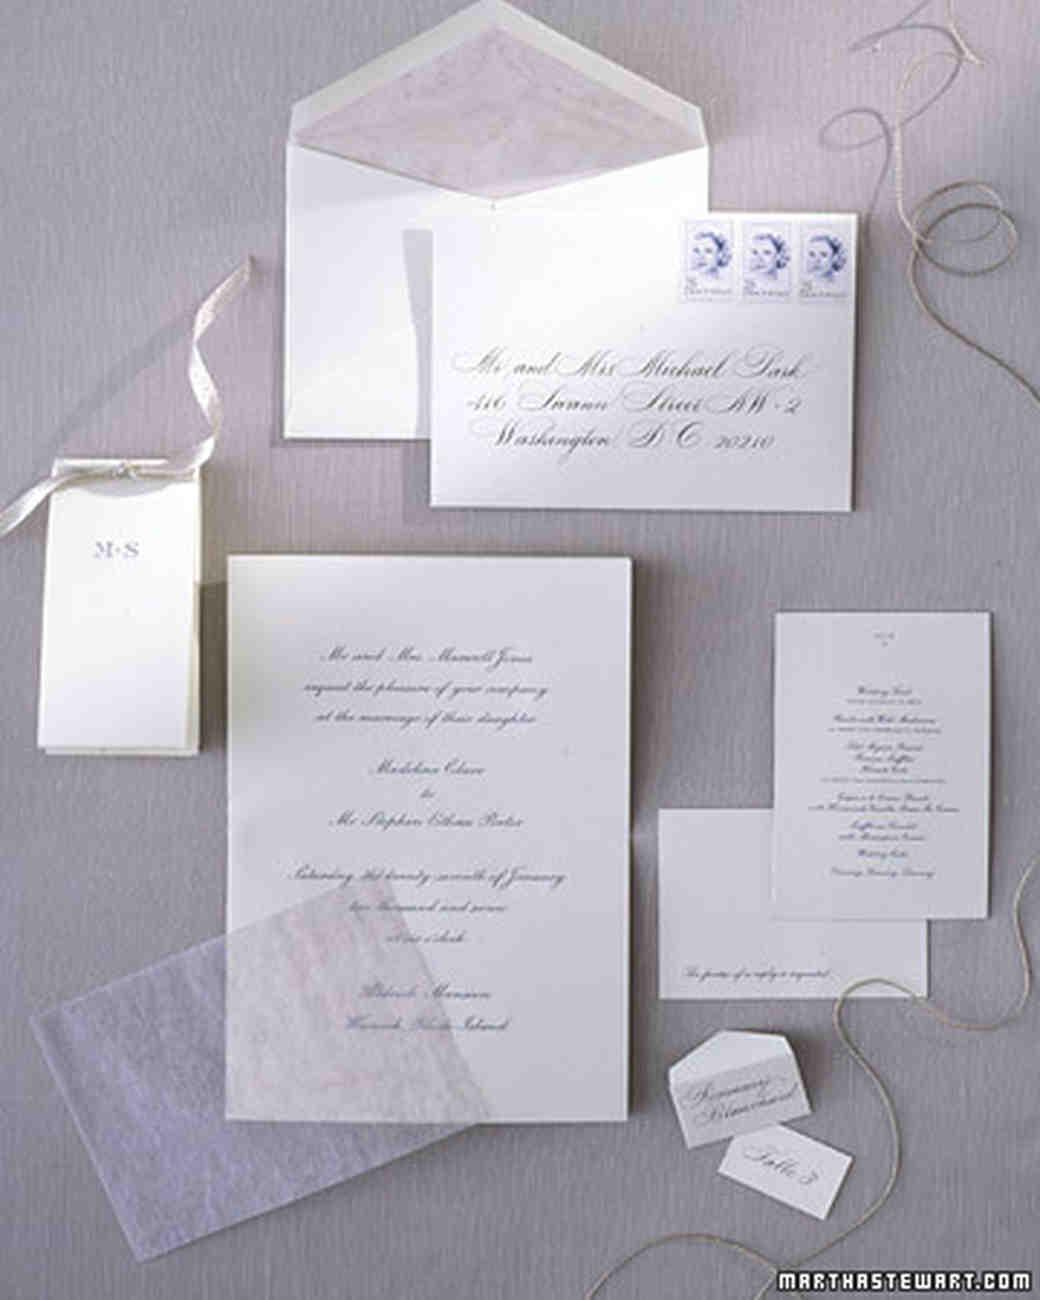 Wedding Colors: Blue and Silver | Martha Stewart Weddings